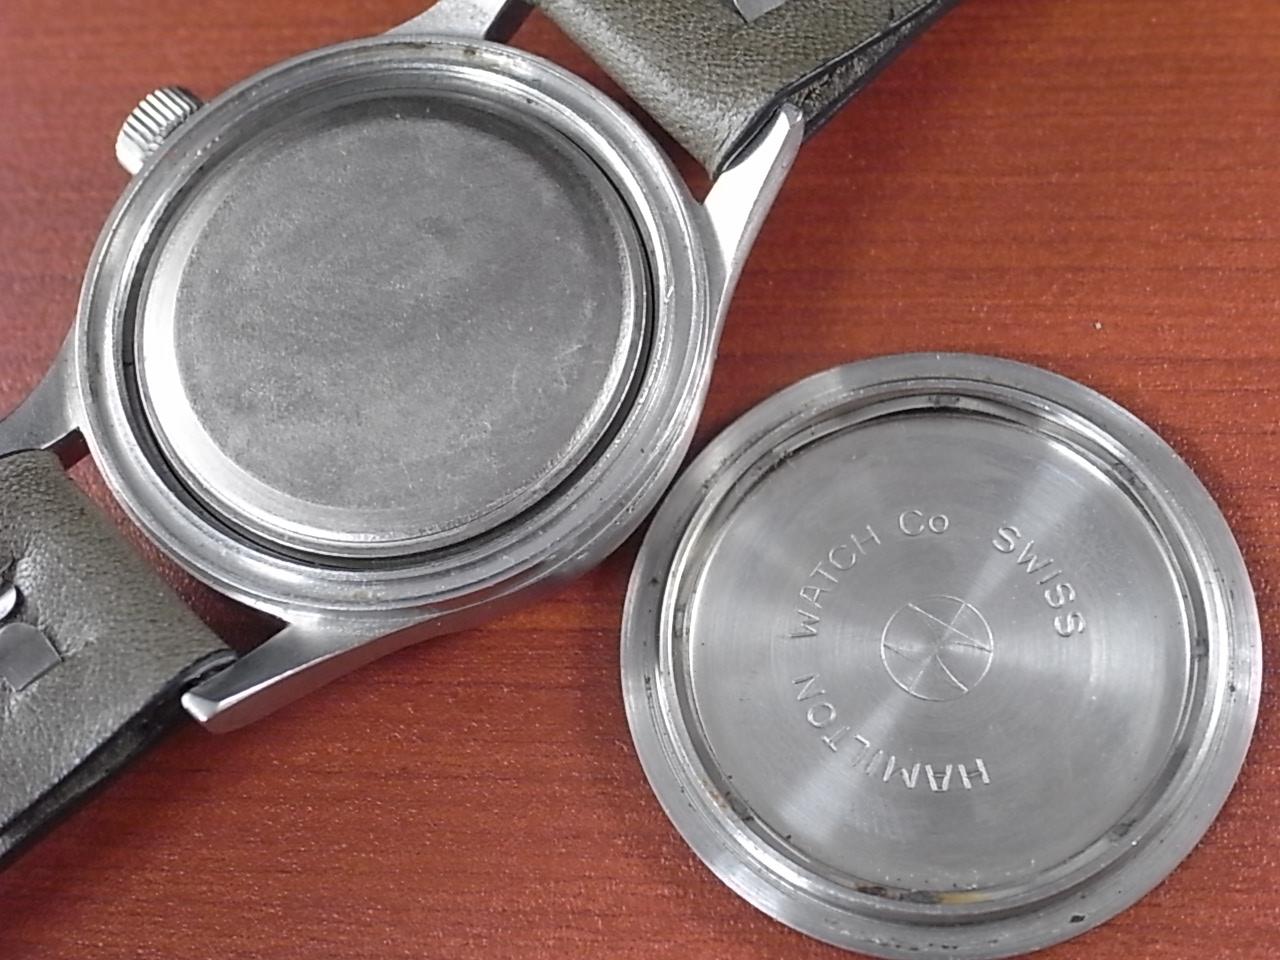 ハミルトン 軍用時計 ロイヤルエアフォース ラウンド 6B 1960年代の写真6枚目